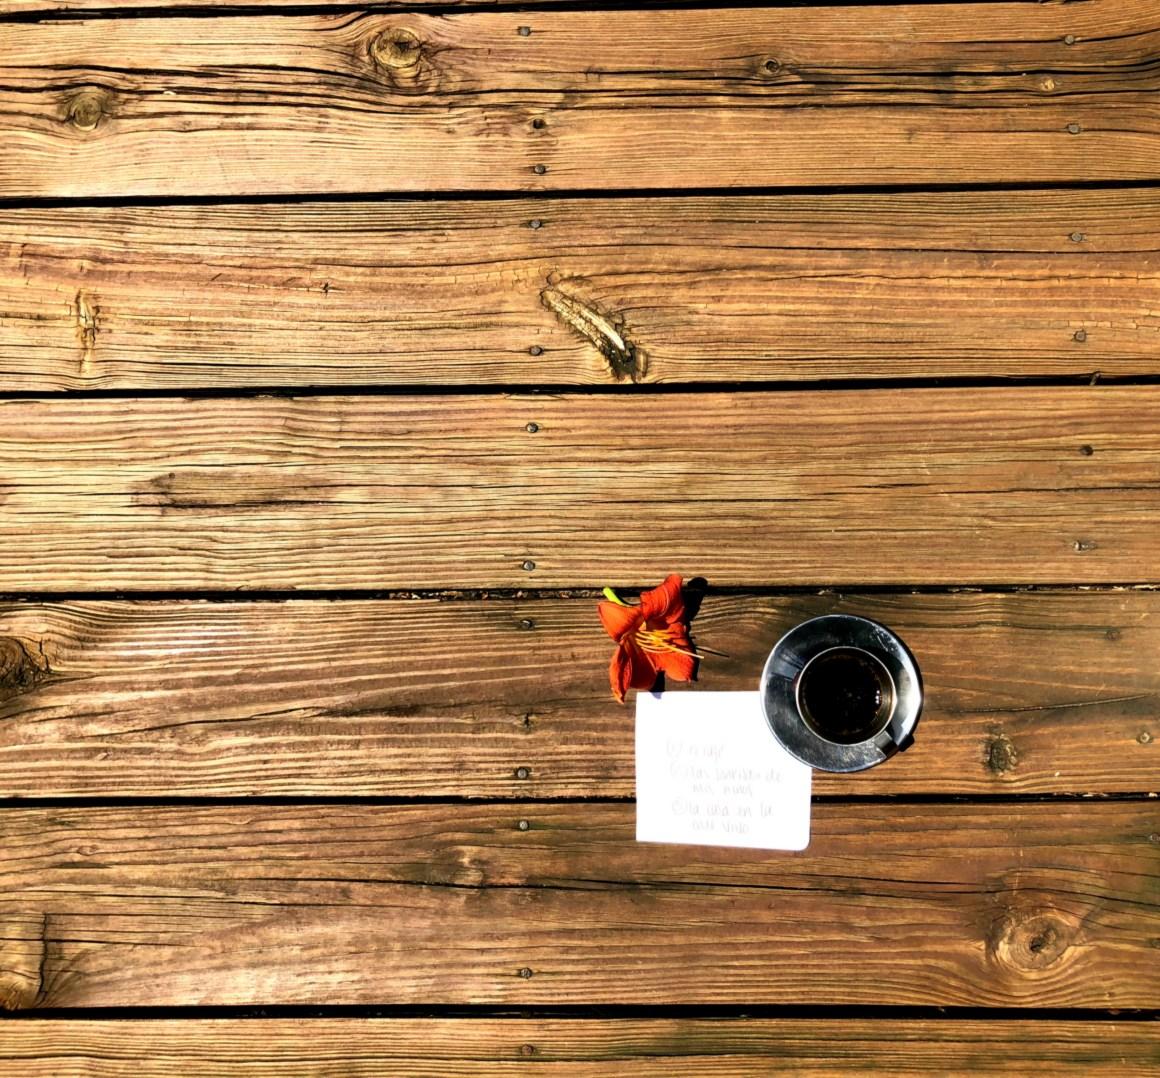 Cambia tu vida con una práctica de gratitud - ándalemujer